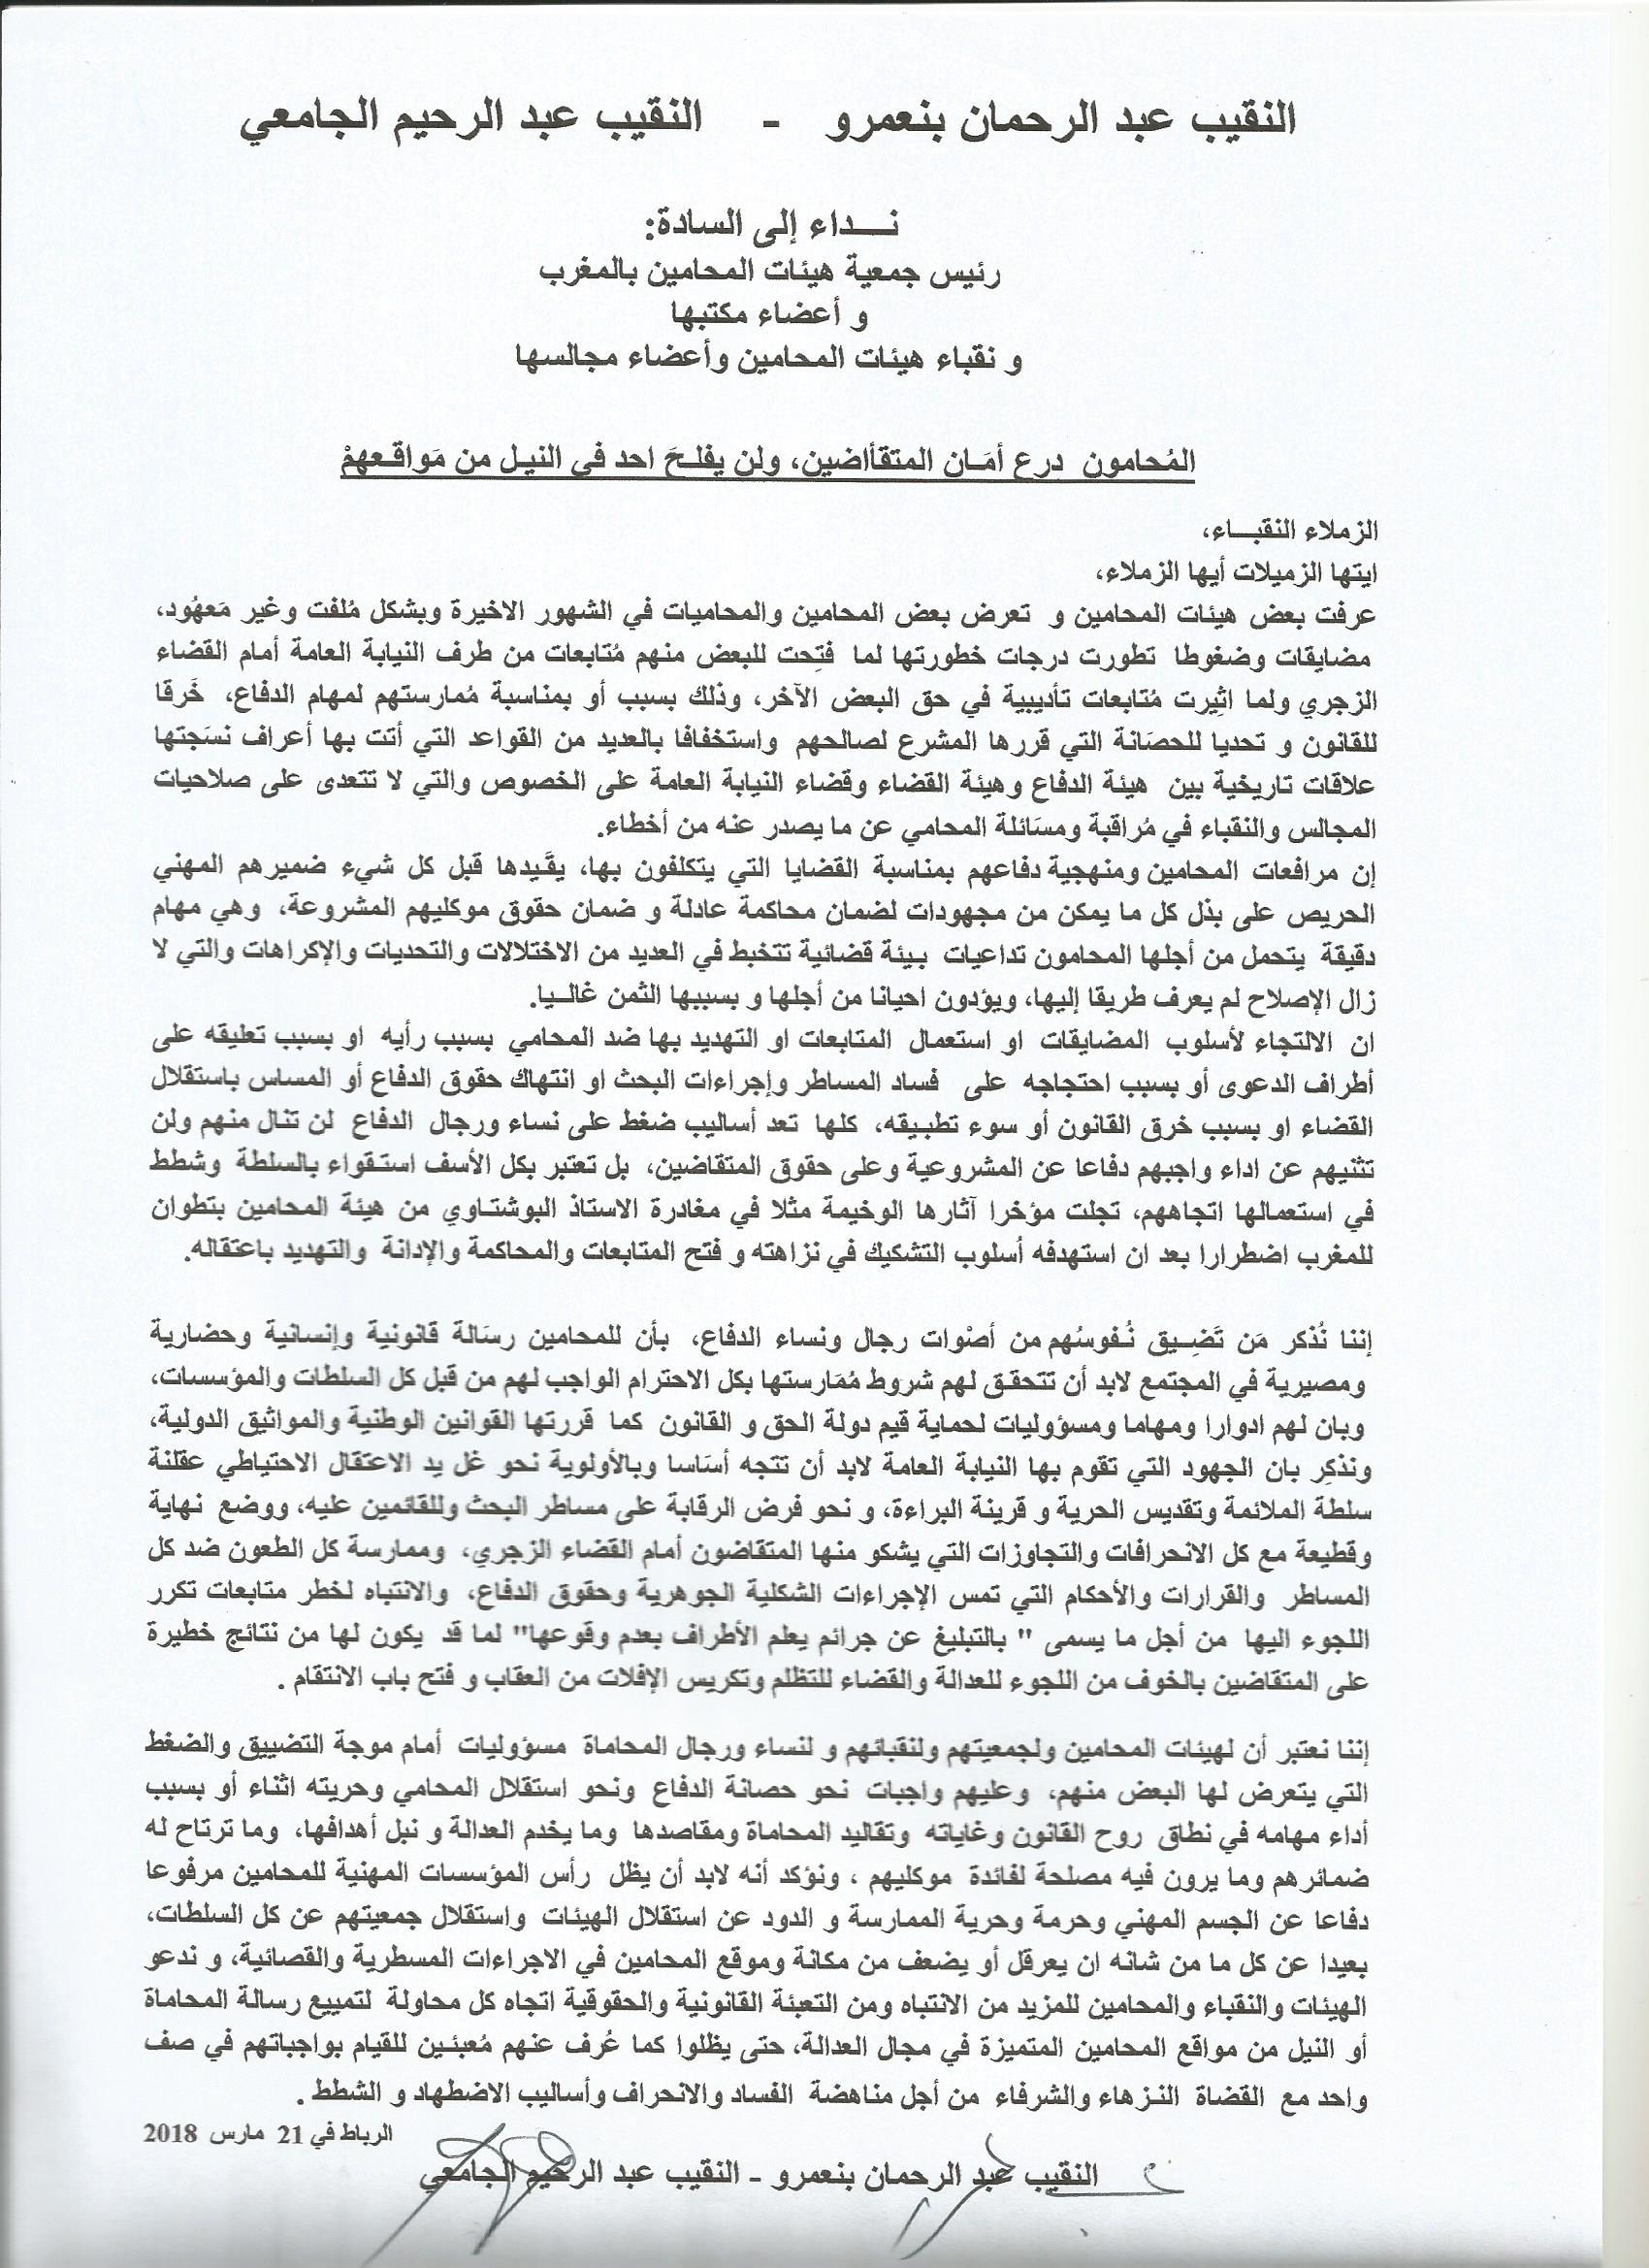 نداء إلى السادة رئيس جمعية هيئات المحامين بالمغرب وأعضاء مكتبها ونقباء هيئات المحامين وأعضاء مجالسها